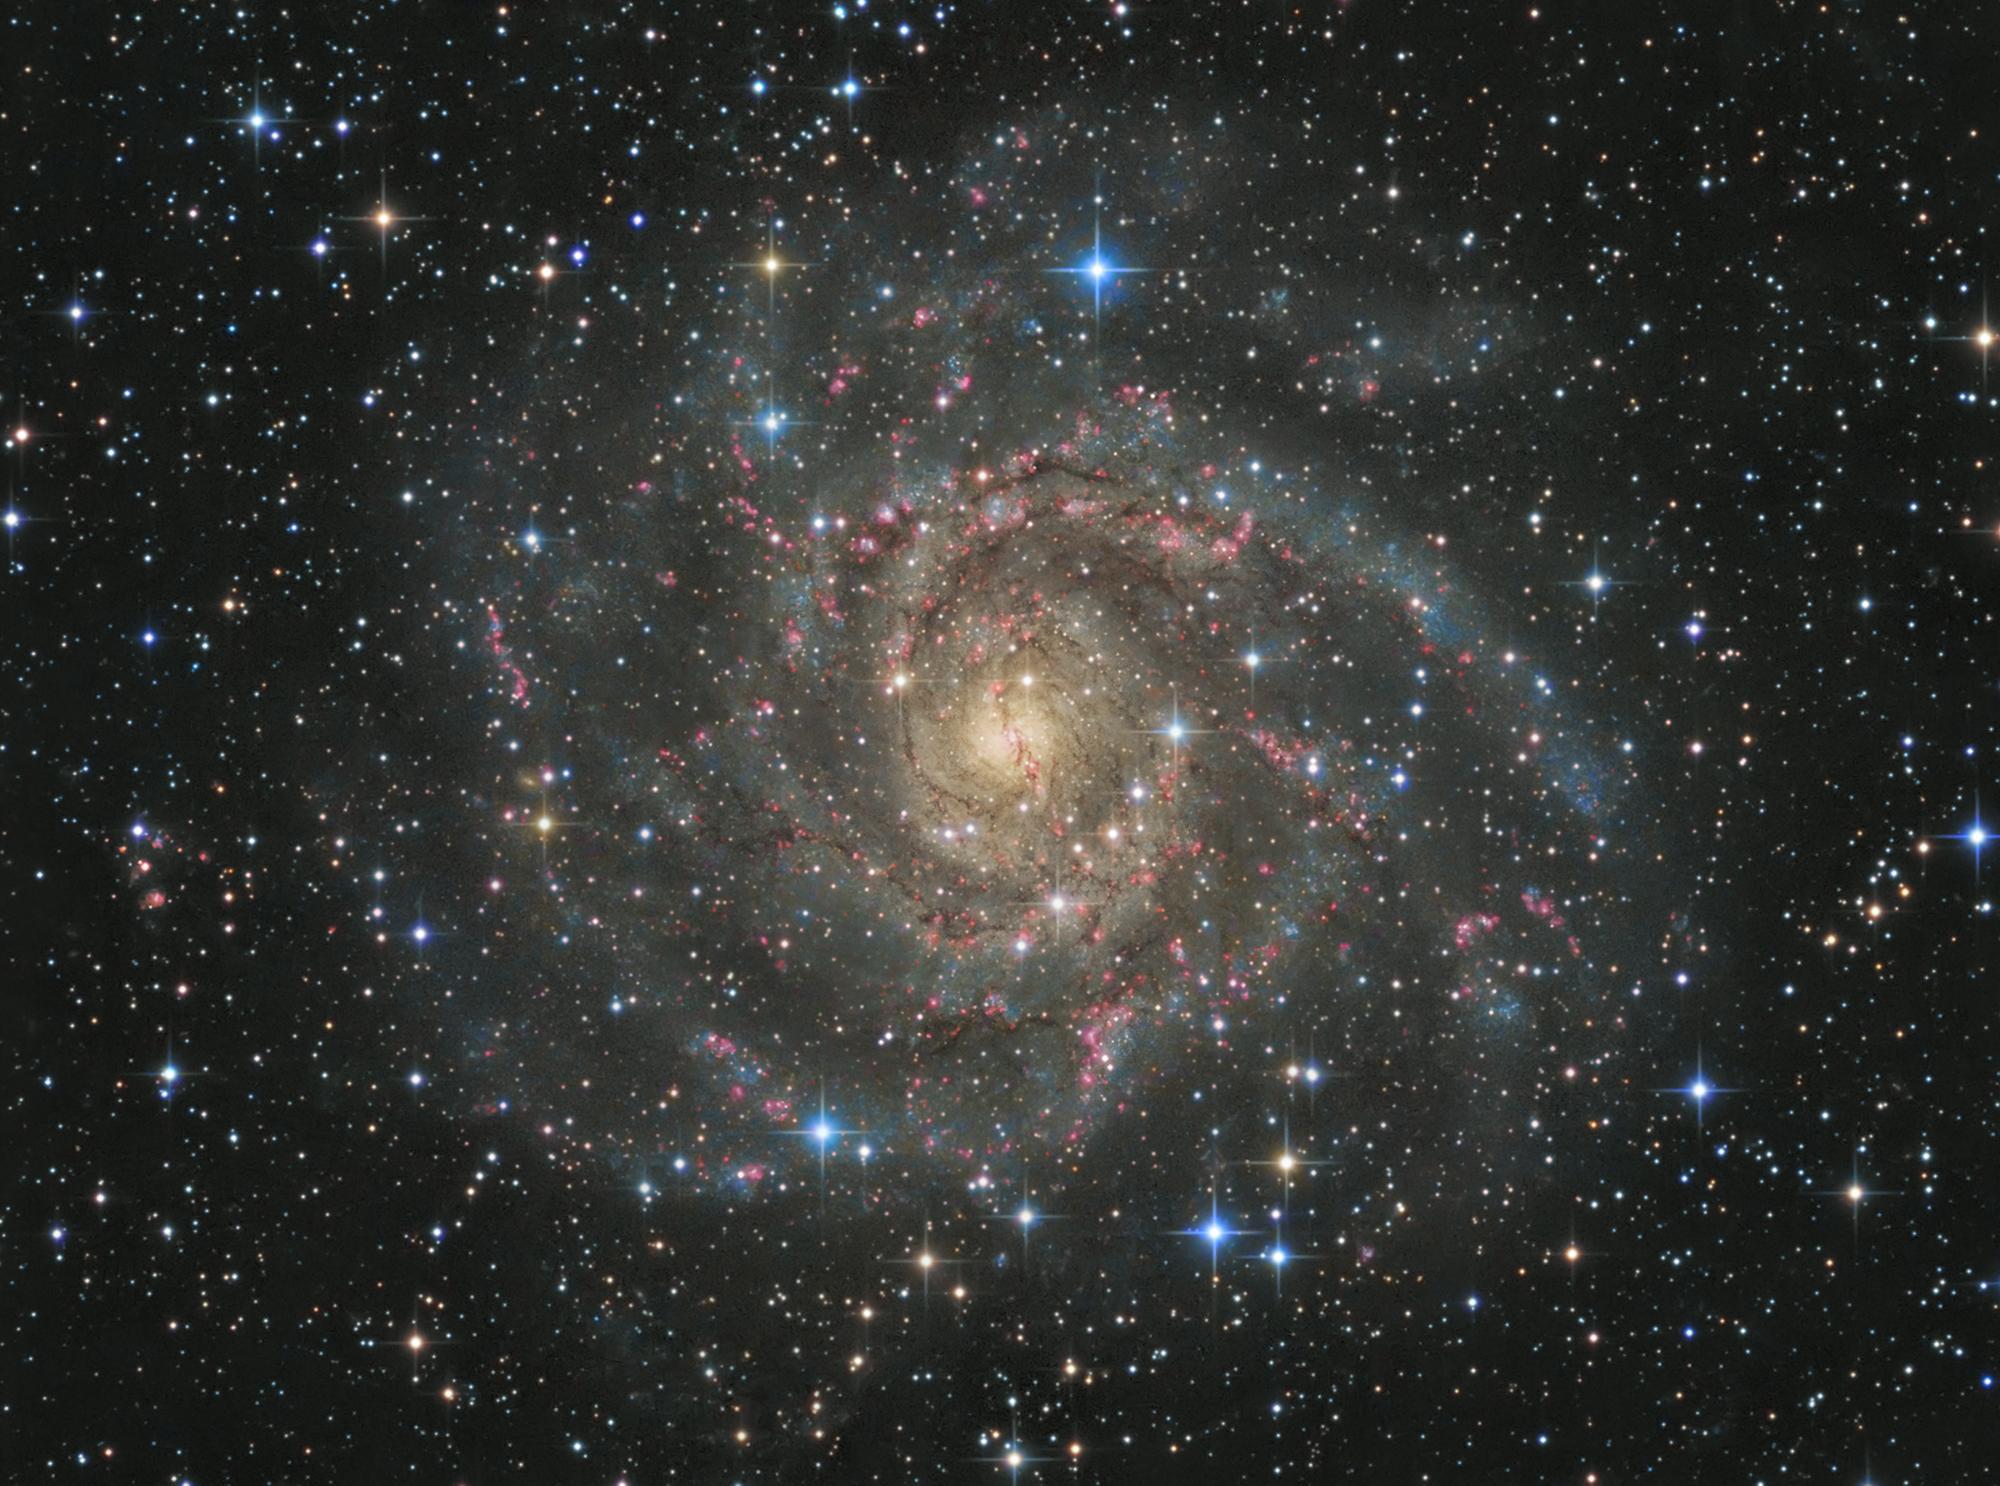 Спиральная галактика IC 342 из созвездия Жирафа, видимая плашмя и удаленная от нас на 7 миллионов световых лет